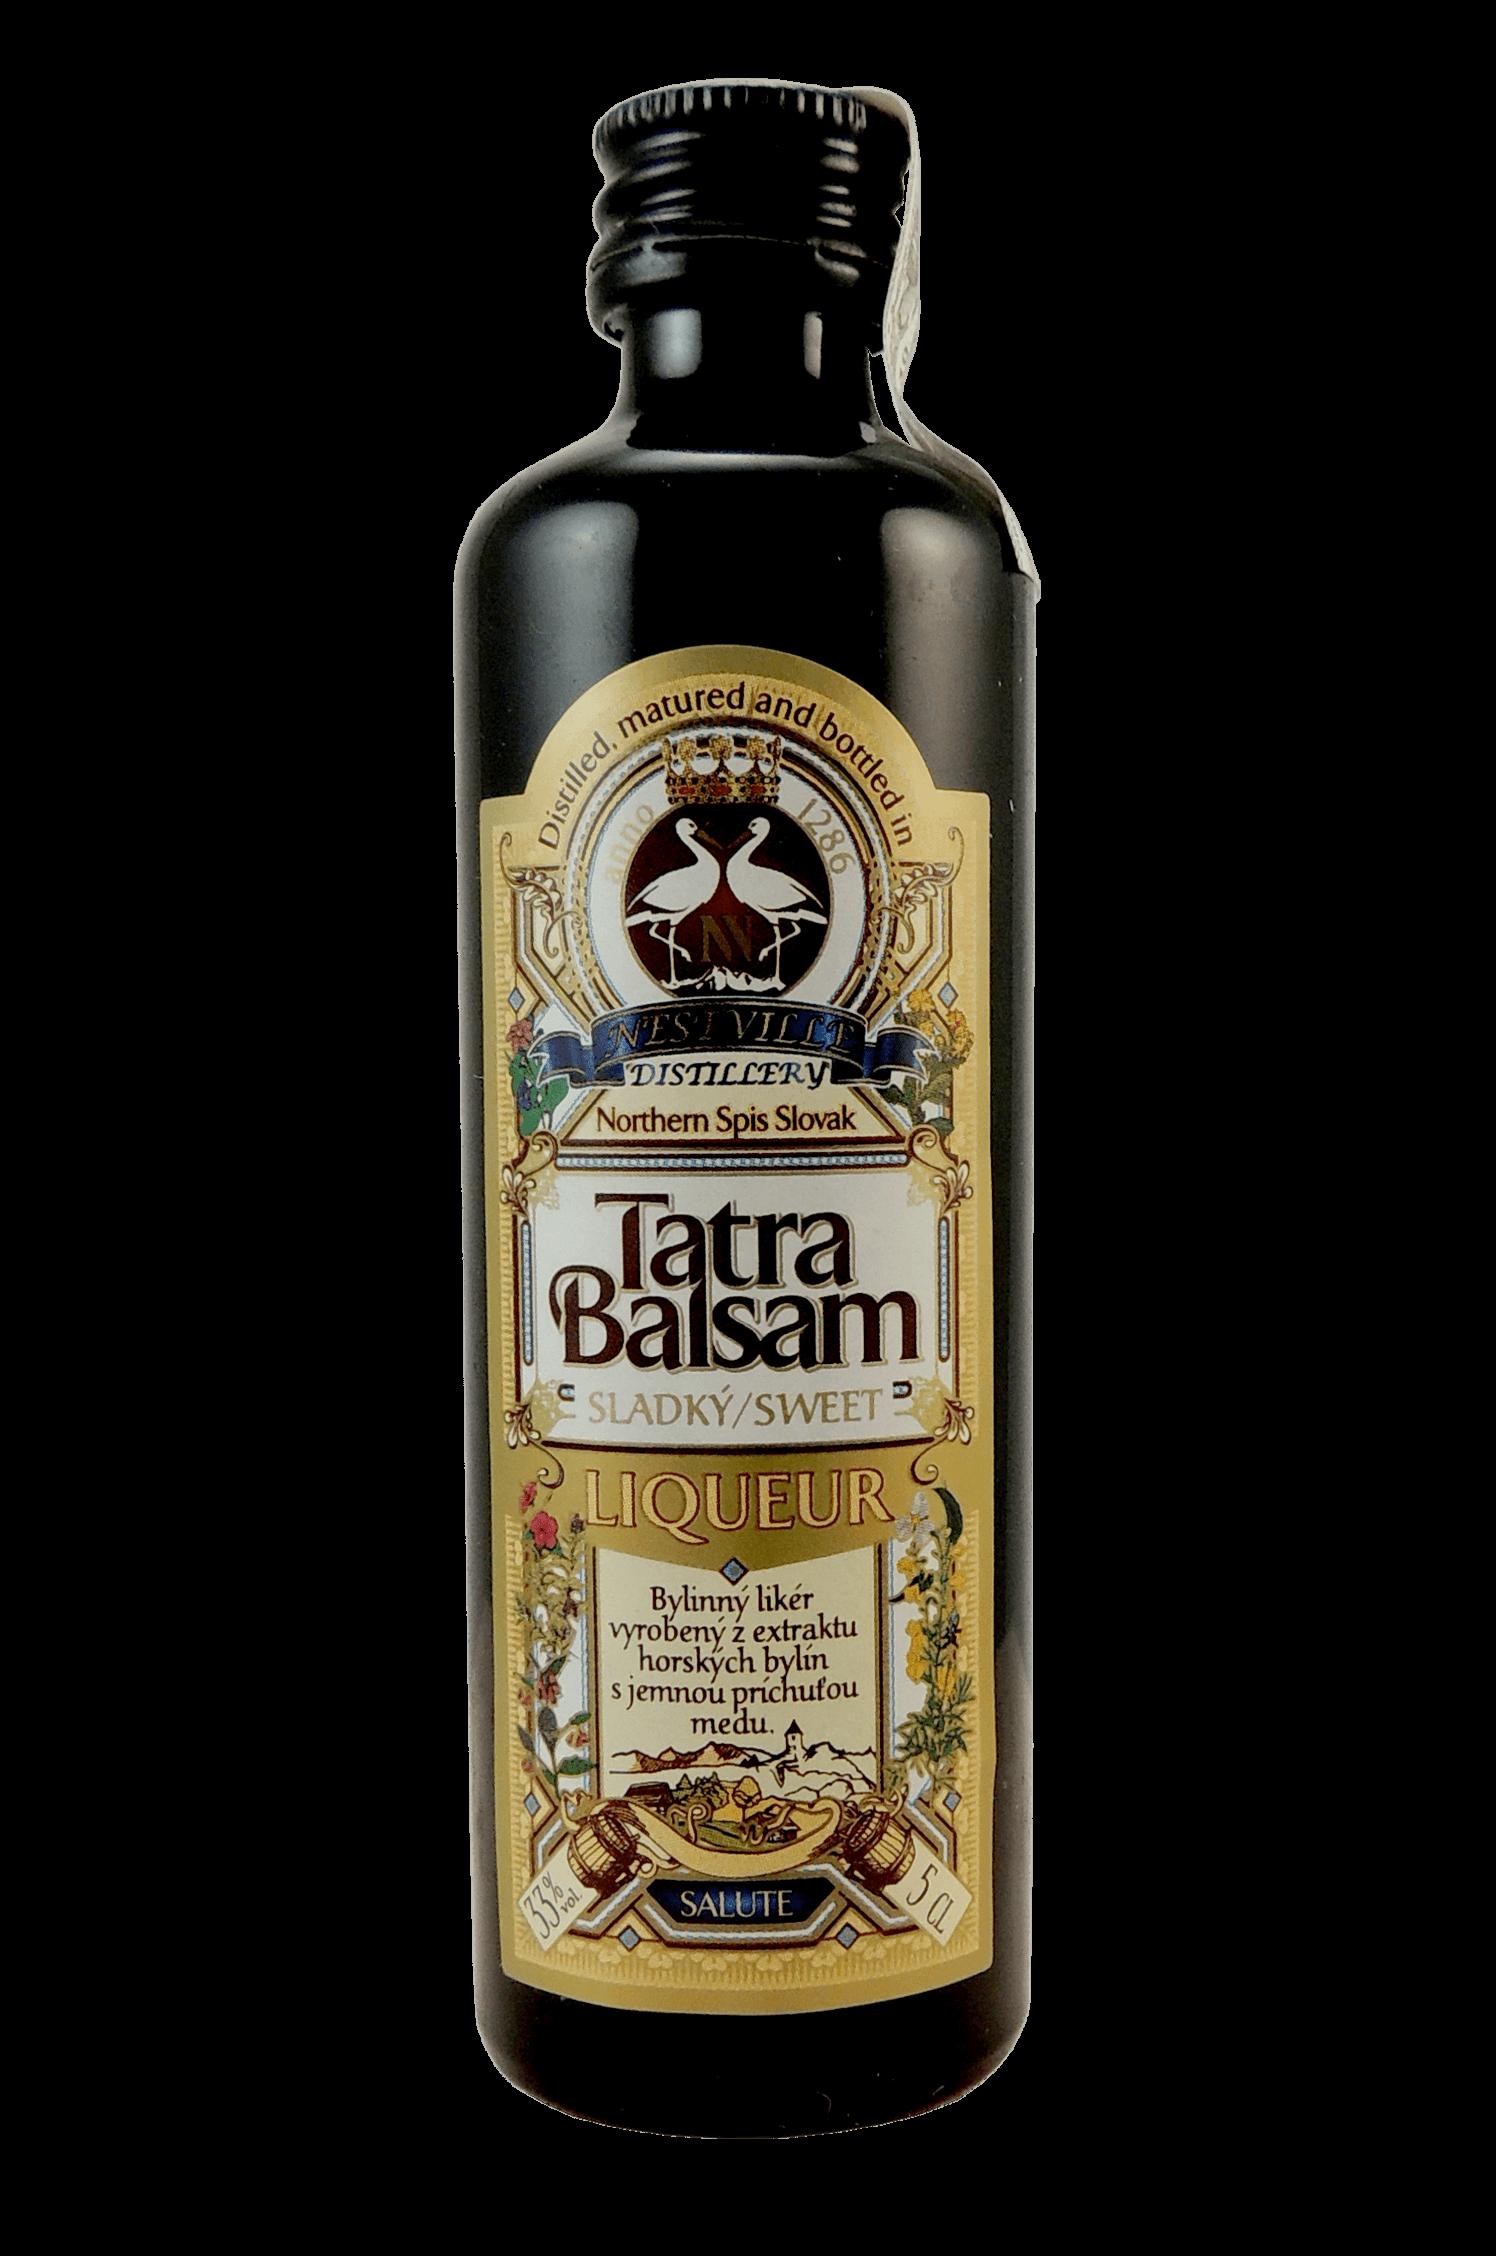 Tatra Balsam Sladký Liqueur